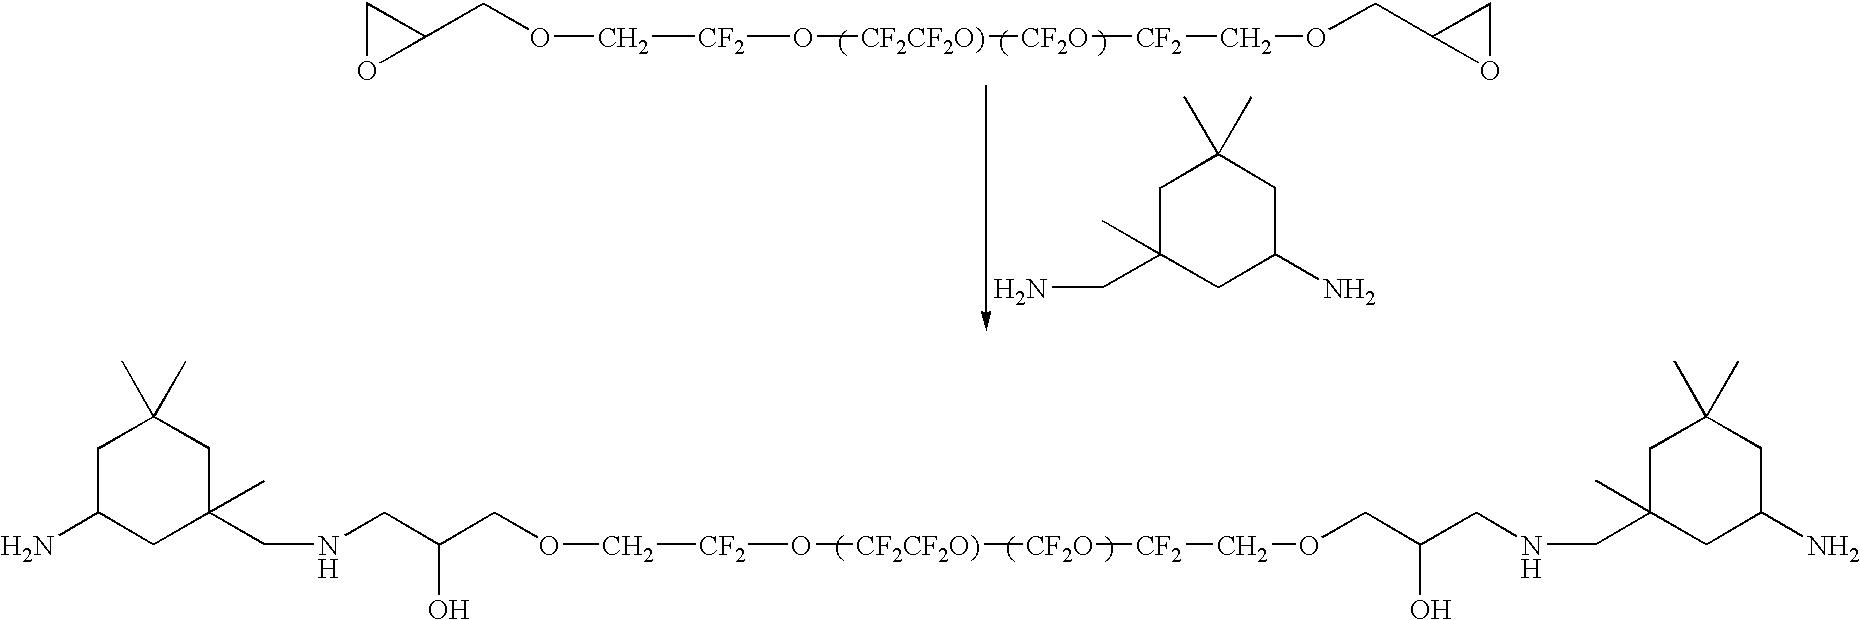 Figure US08944804-20150203-C00031